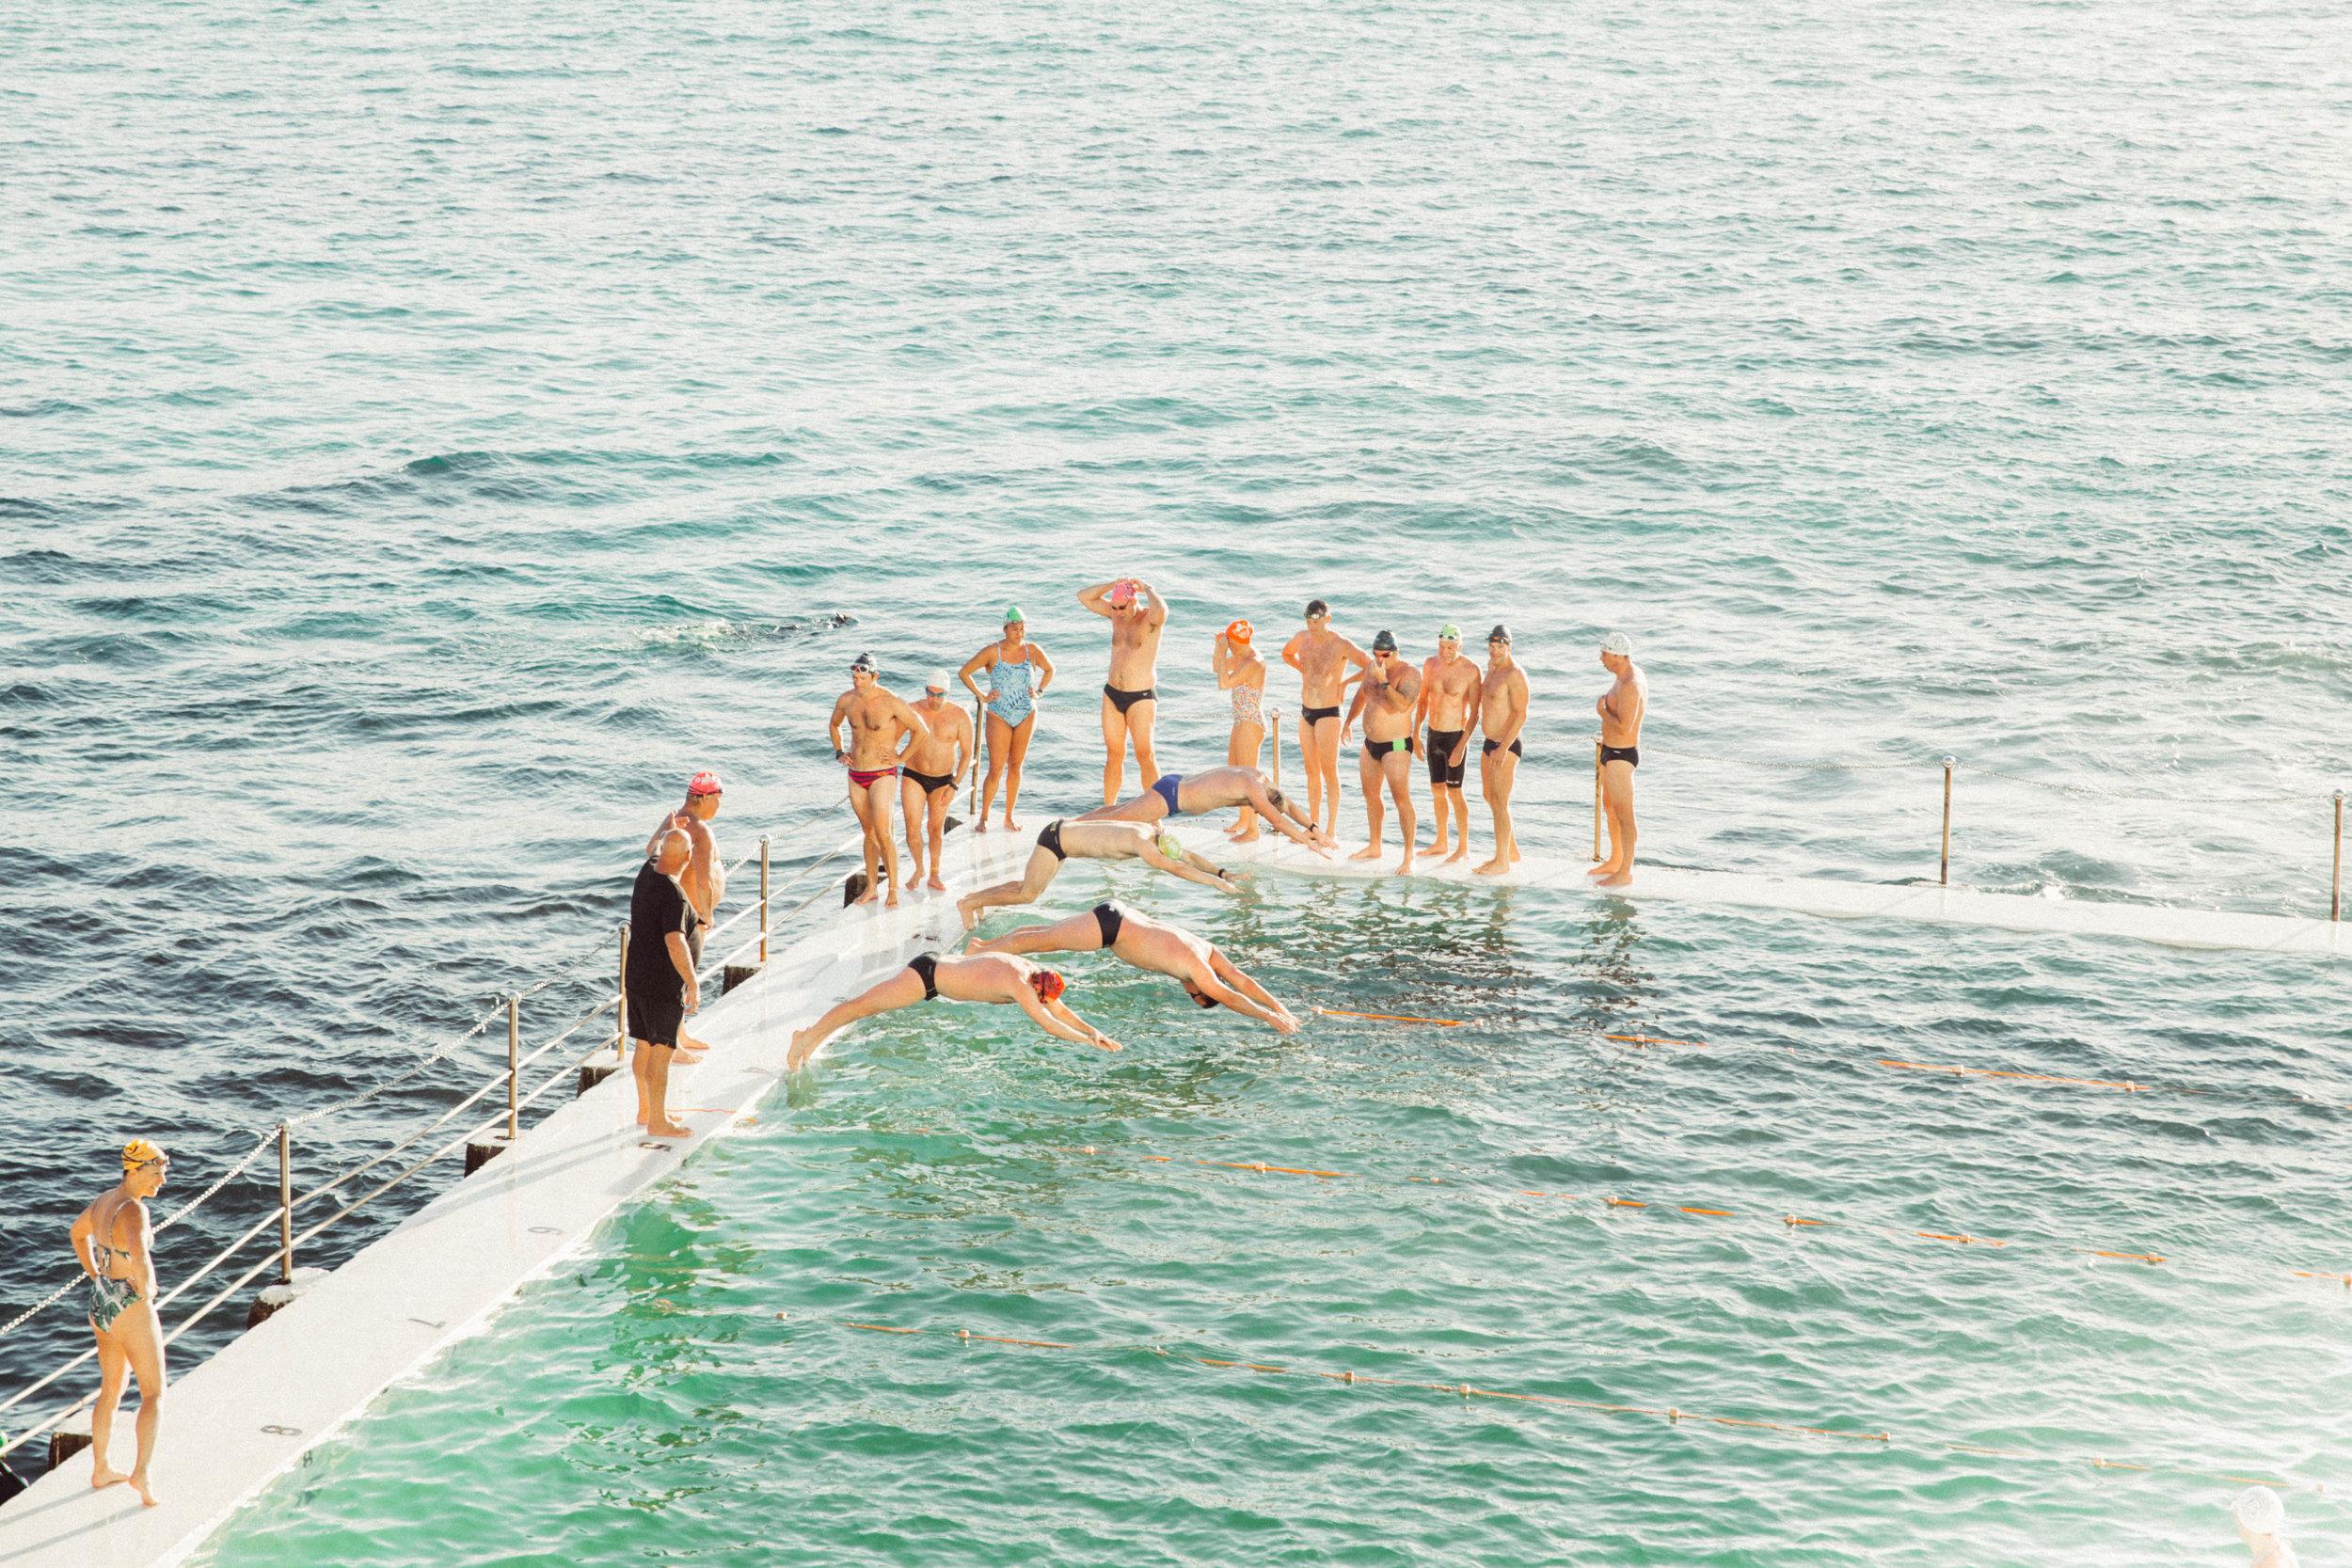 Iceberg Swim Practice